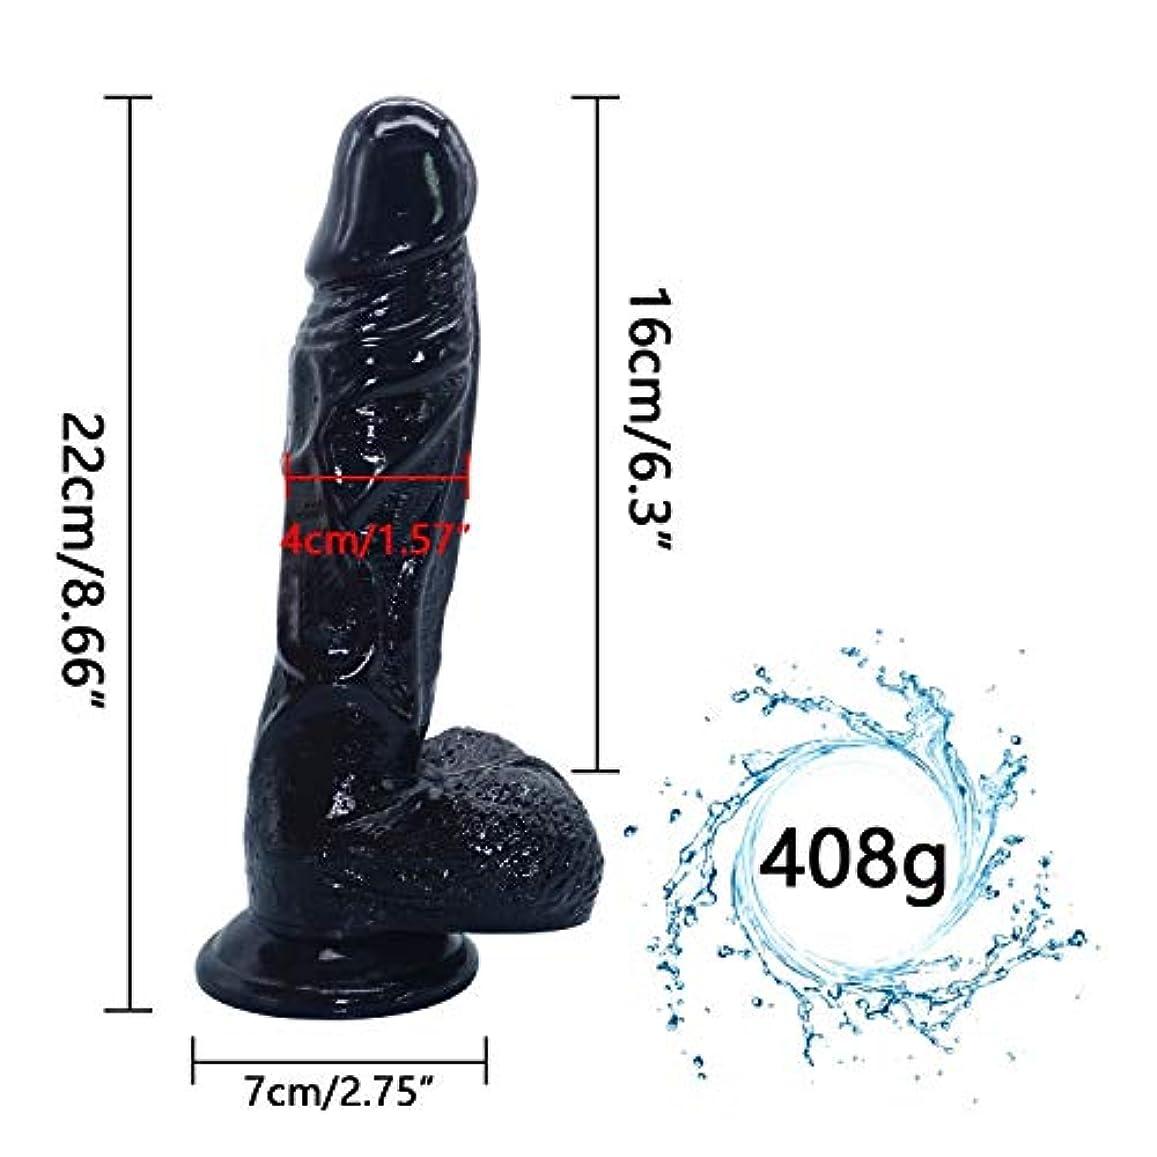 ライラックゴールド瞑想ChenXiDian 8.86インチの巨大な親密な初心者現実的な防水黒肉滑らかなテクスチャシャフト????????????ラバーソロプレイBackdoorMassager Veinedスティック柔軟な浸透-抗菌、より優れた...